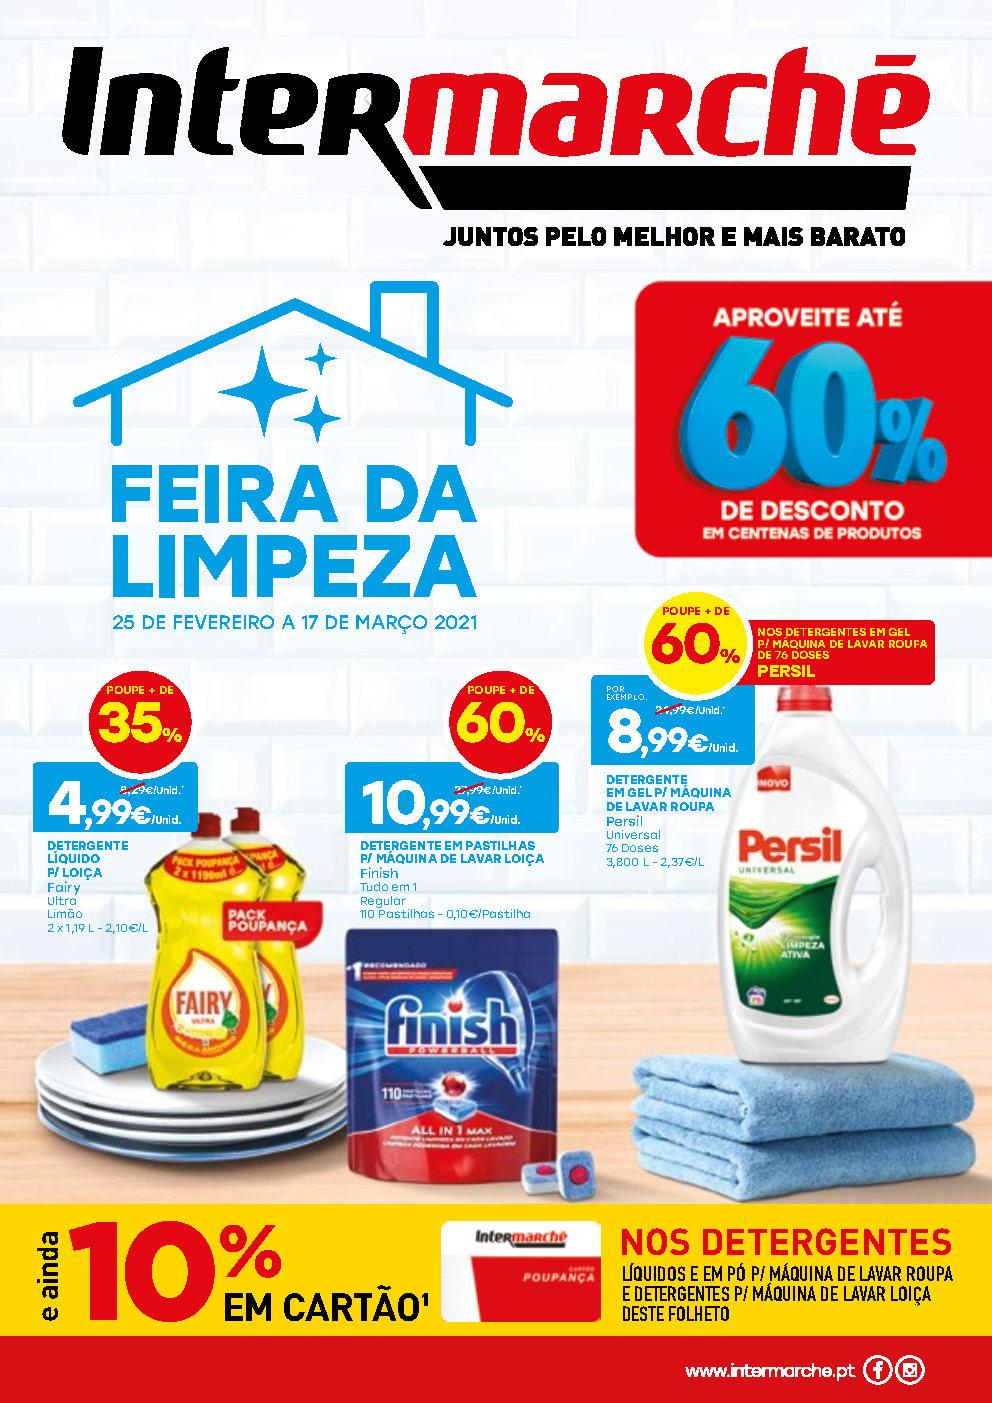 folheto intermarche limpeza Page1